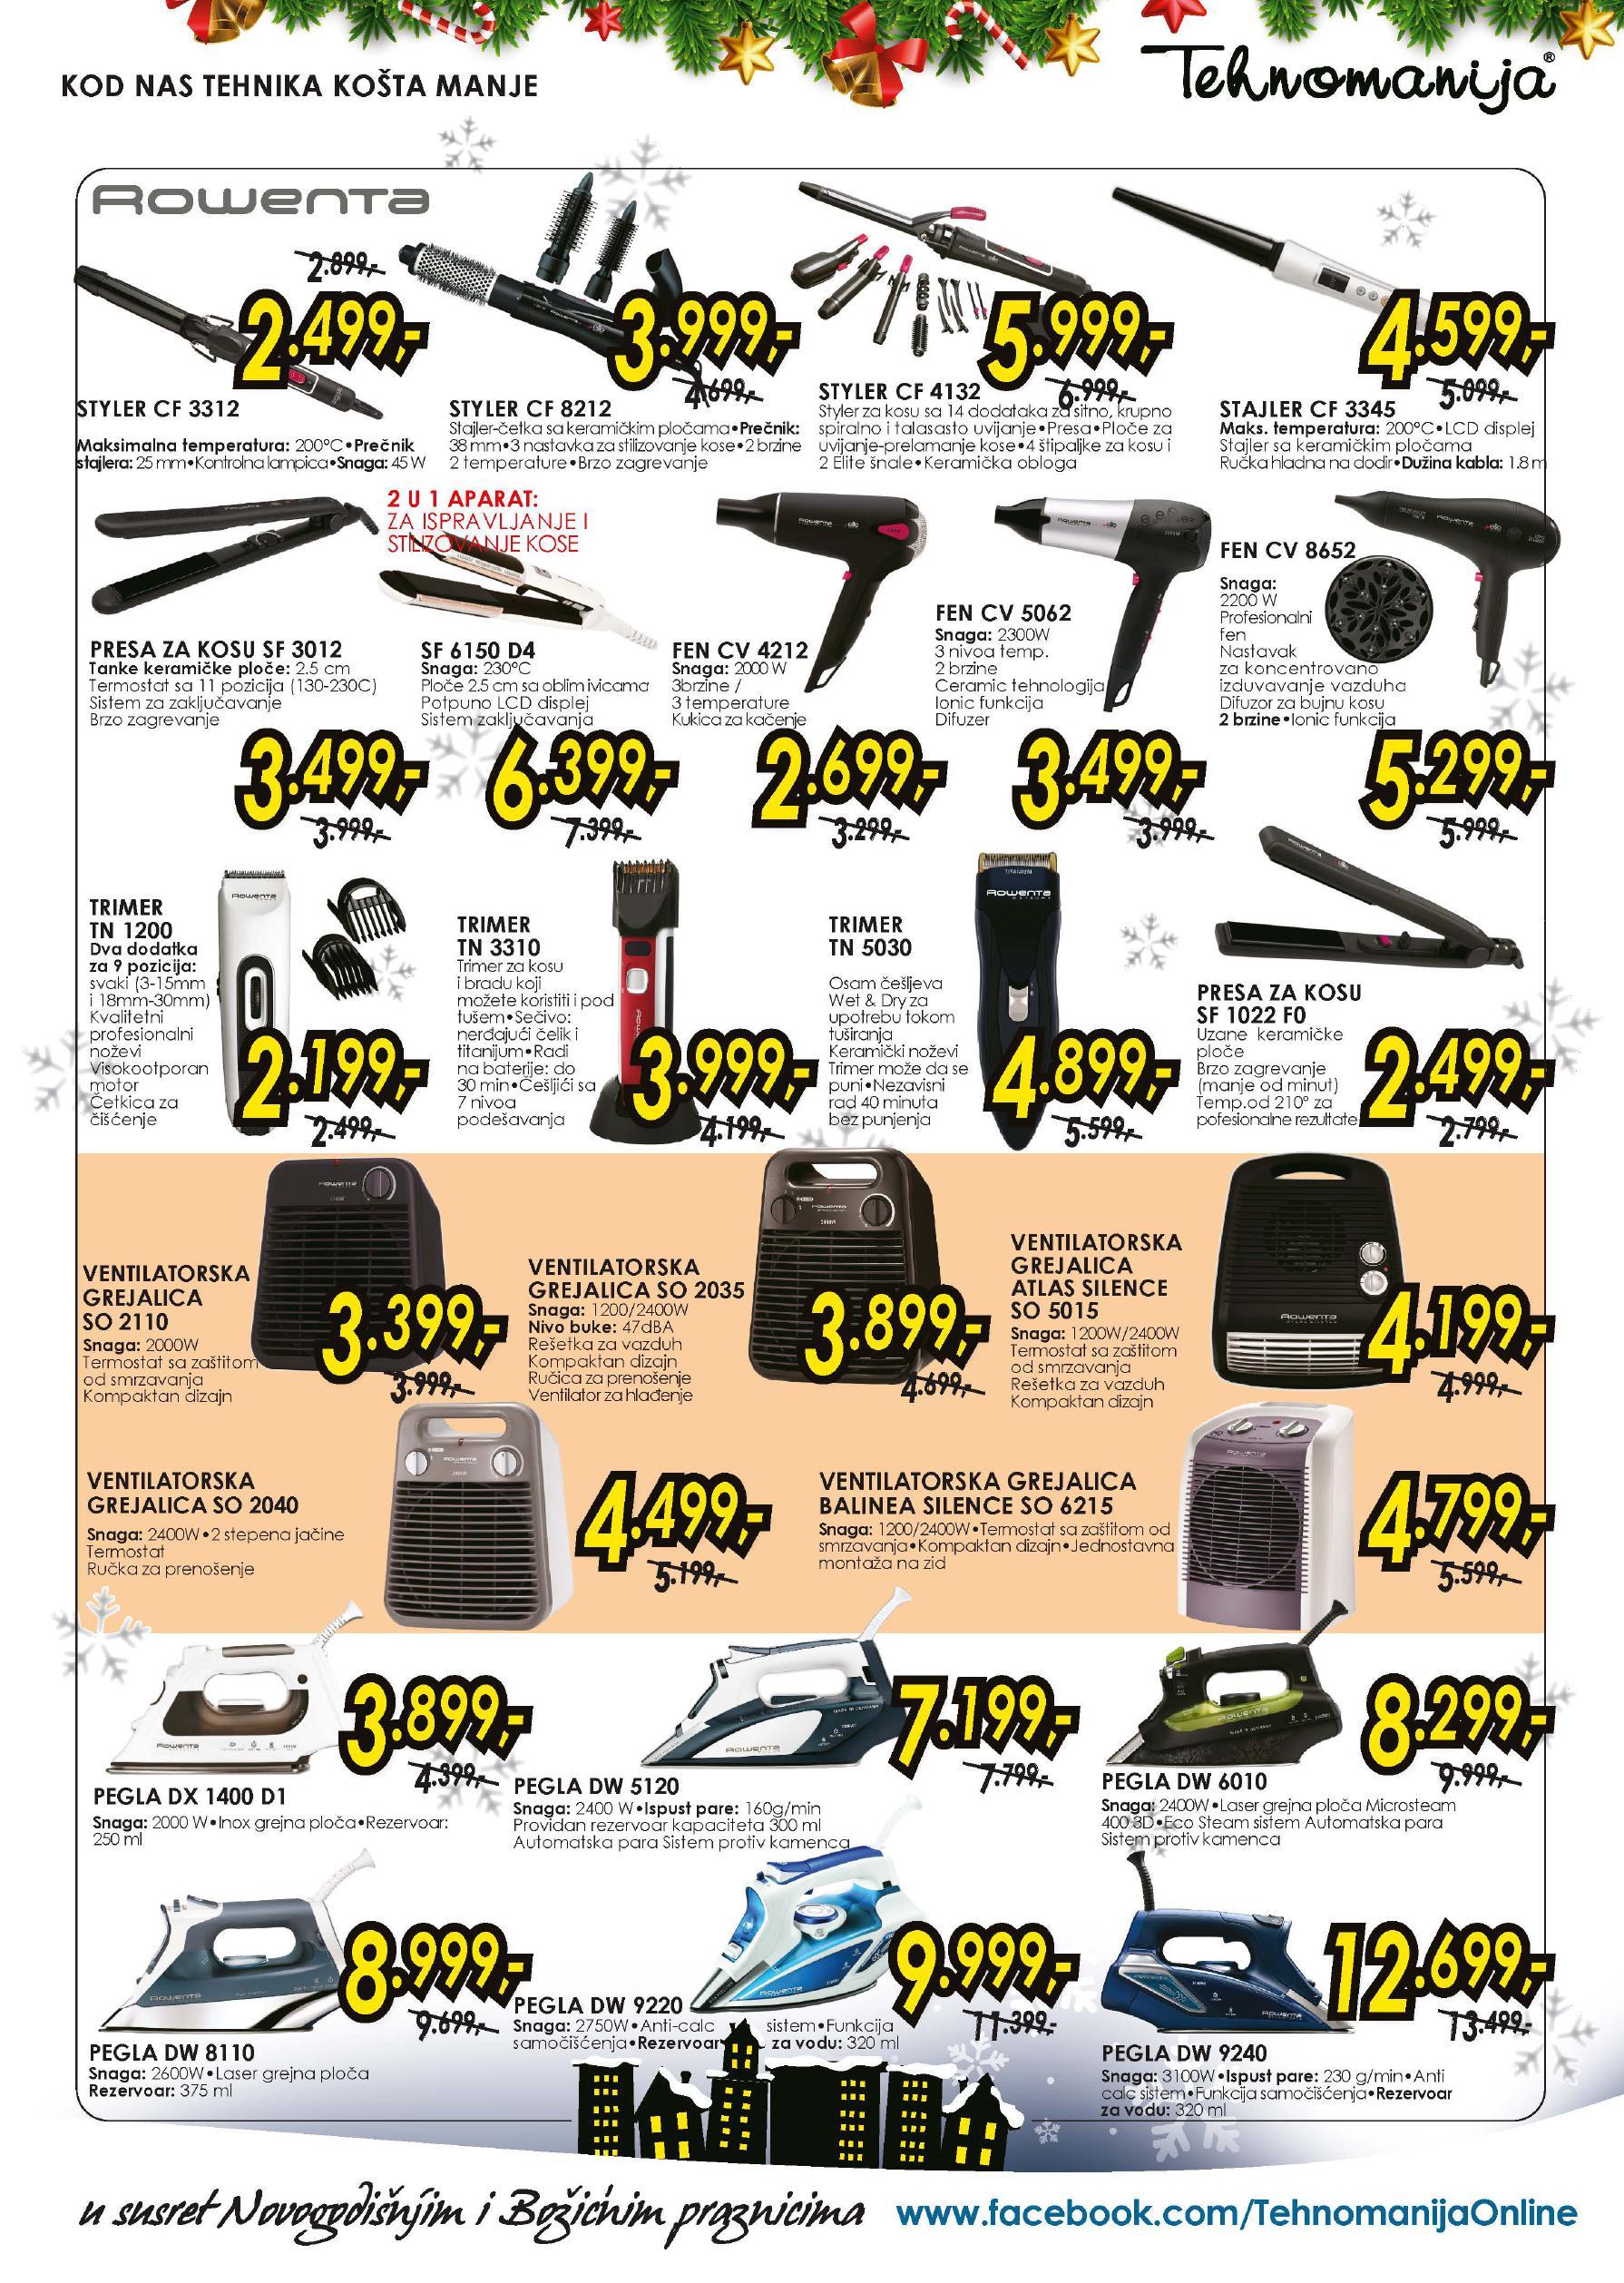 Tehnomanija katalog malih kućnih aparata